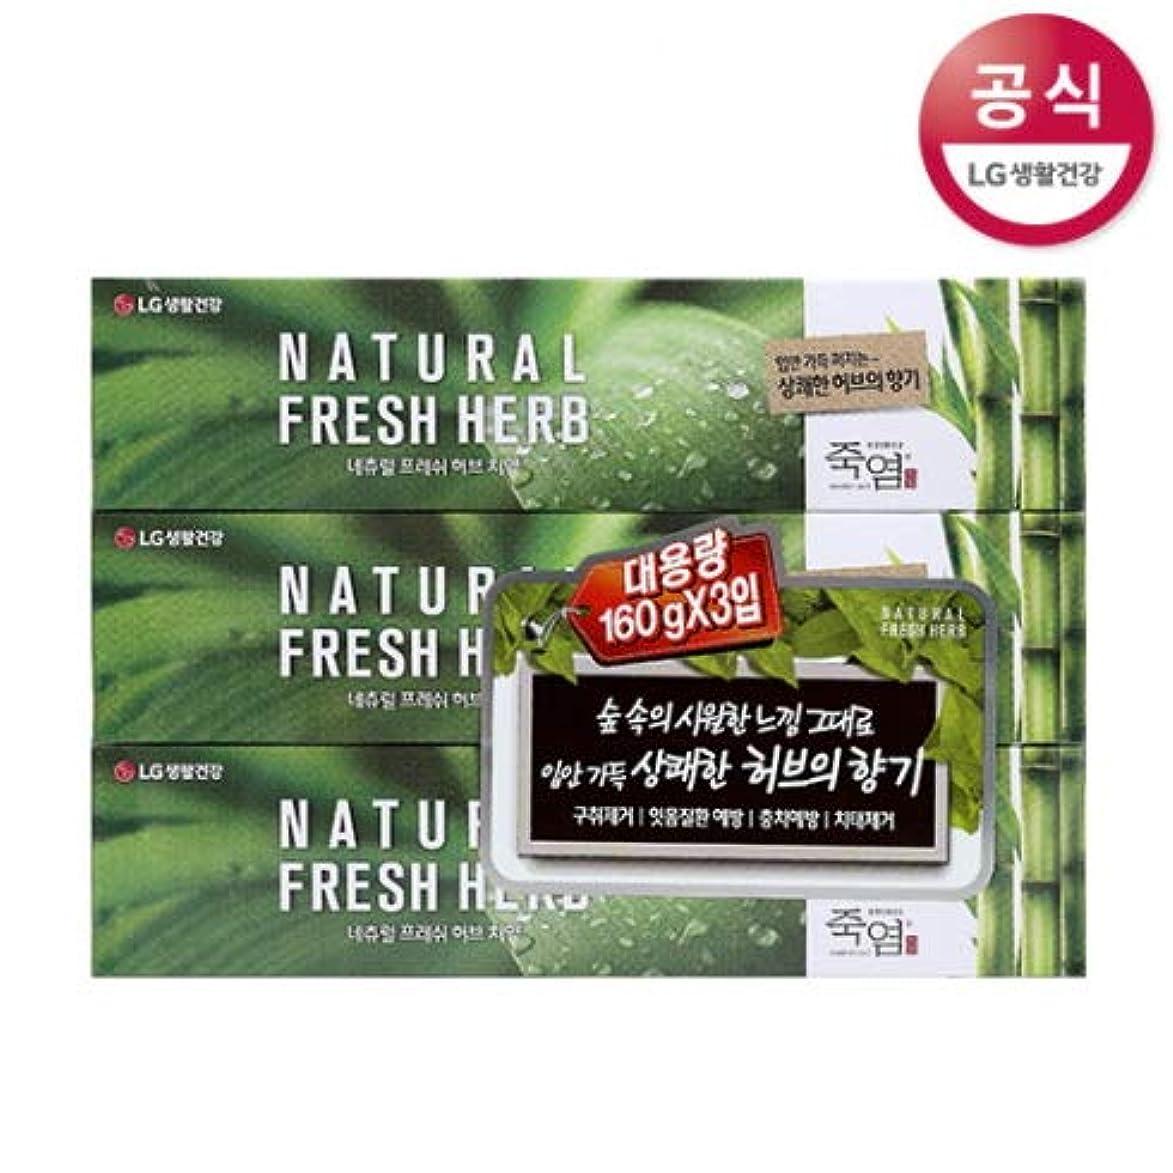 私貫通活性化[LG HnB] Bamboo Salt Natural Fresh Herbal Toothpaste/竹塩ナチュラルフレッシュハーブ歯磨き粉 160gx3個(海外直送品)